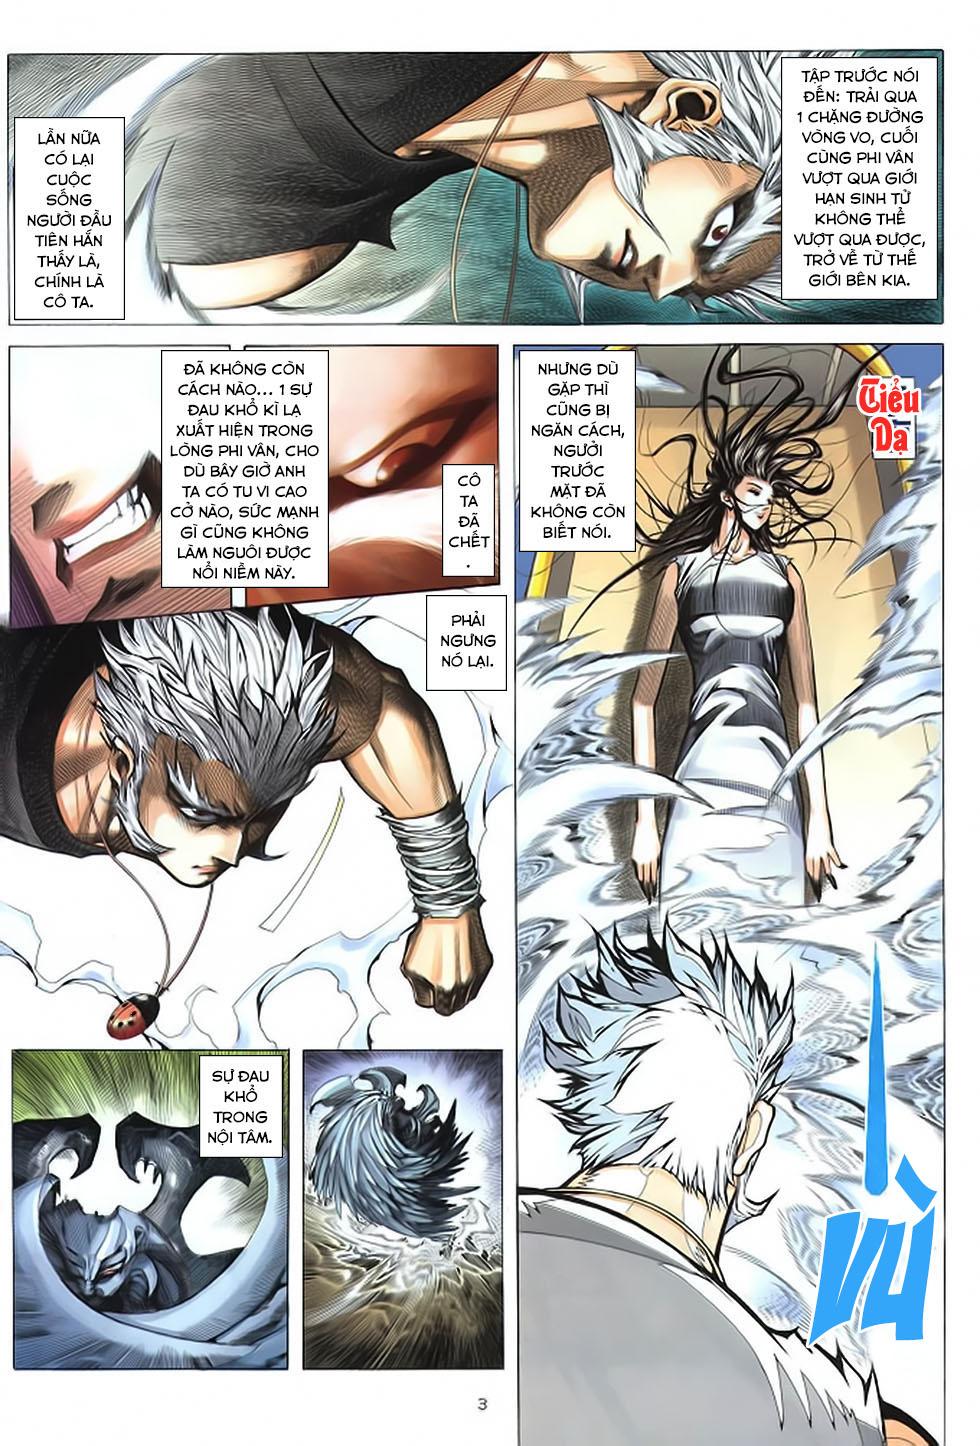 Chiến Thần Ký chap 39 - Trang 4